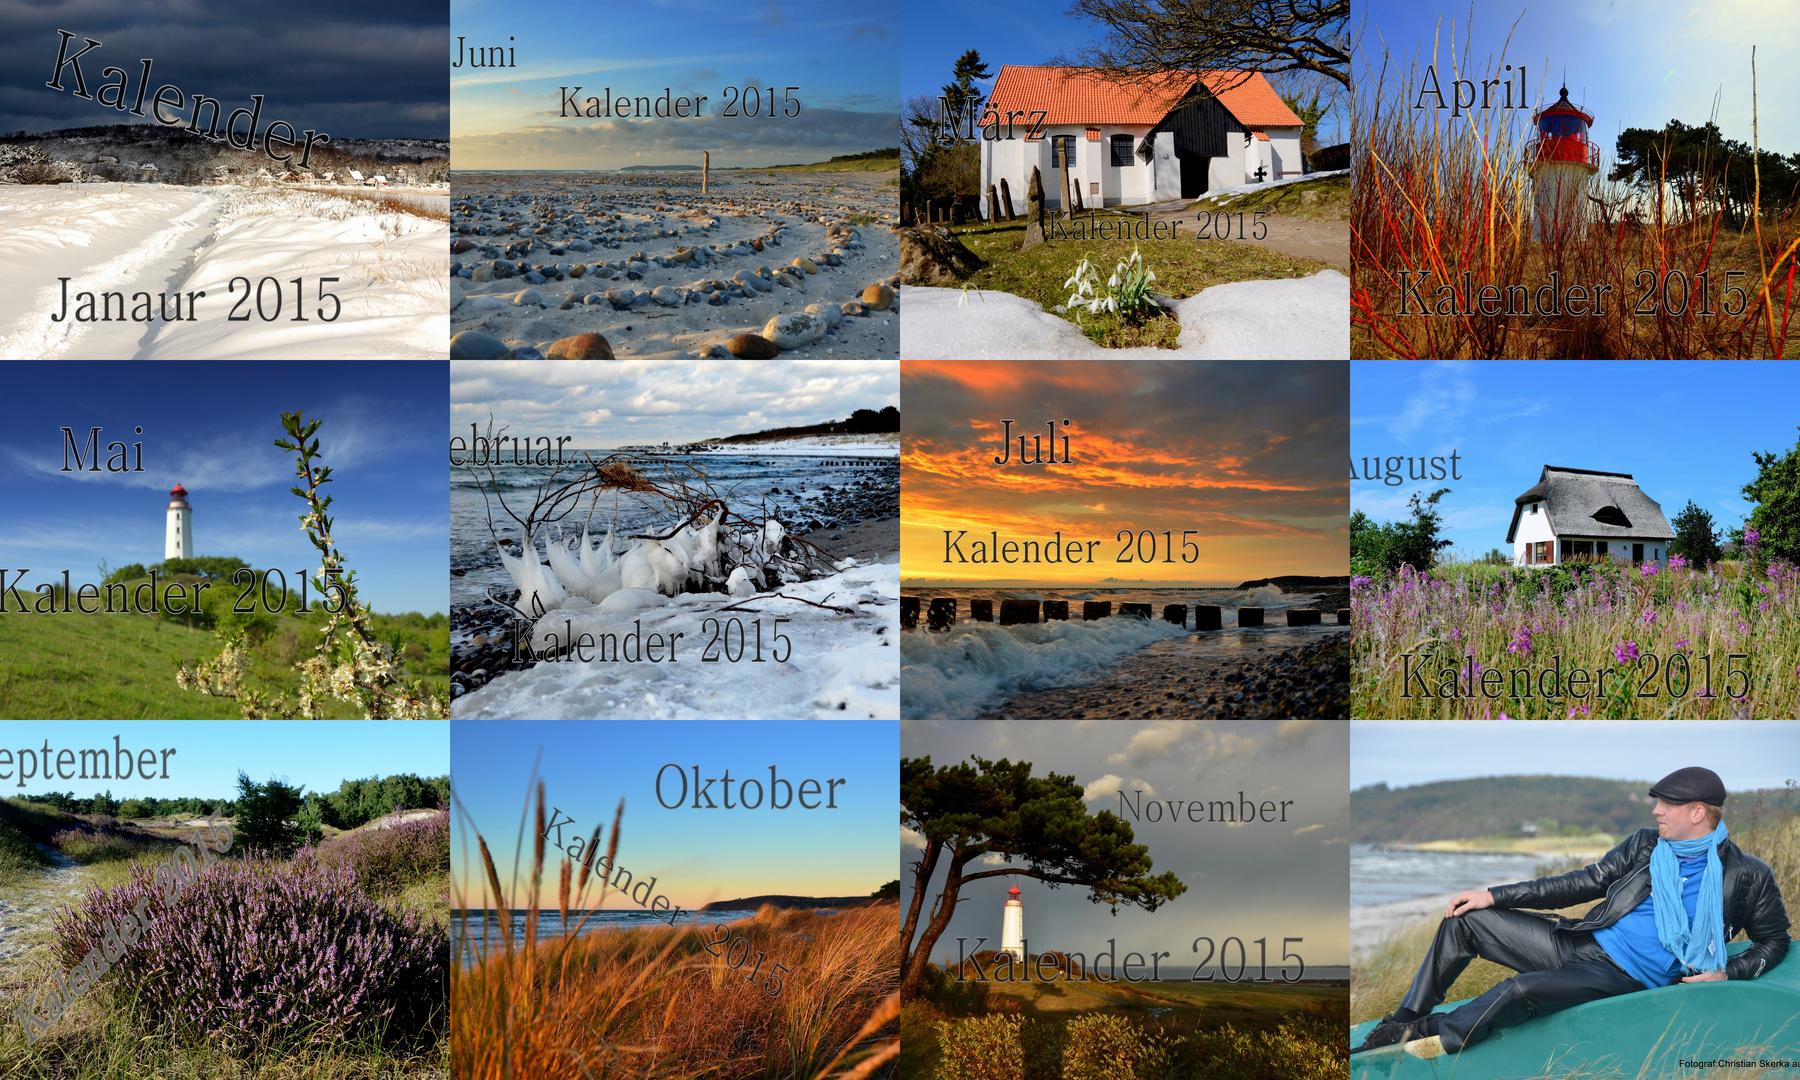 Kalender ideen f r 2015 foto bild deutschland europe mecklenburg vorpommern bilder auf - Kalender ideen ...